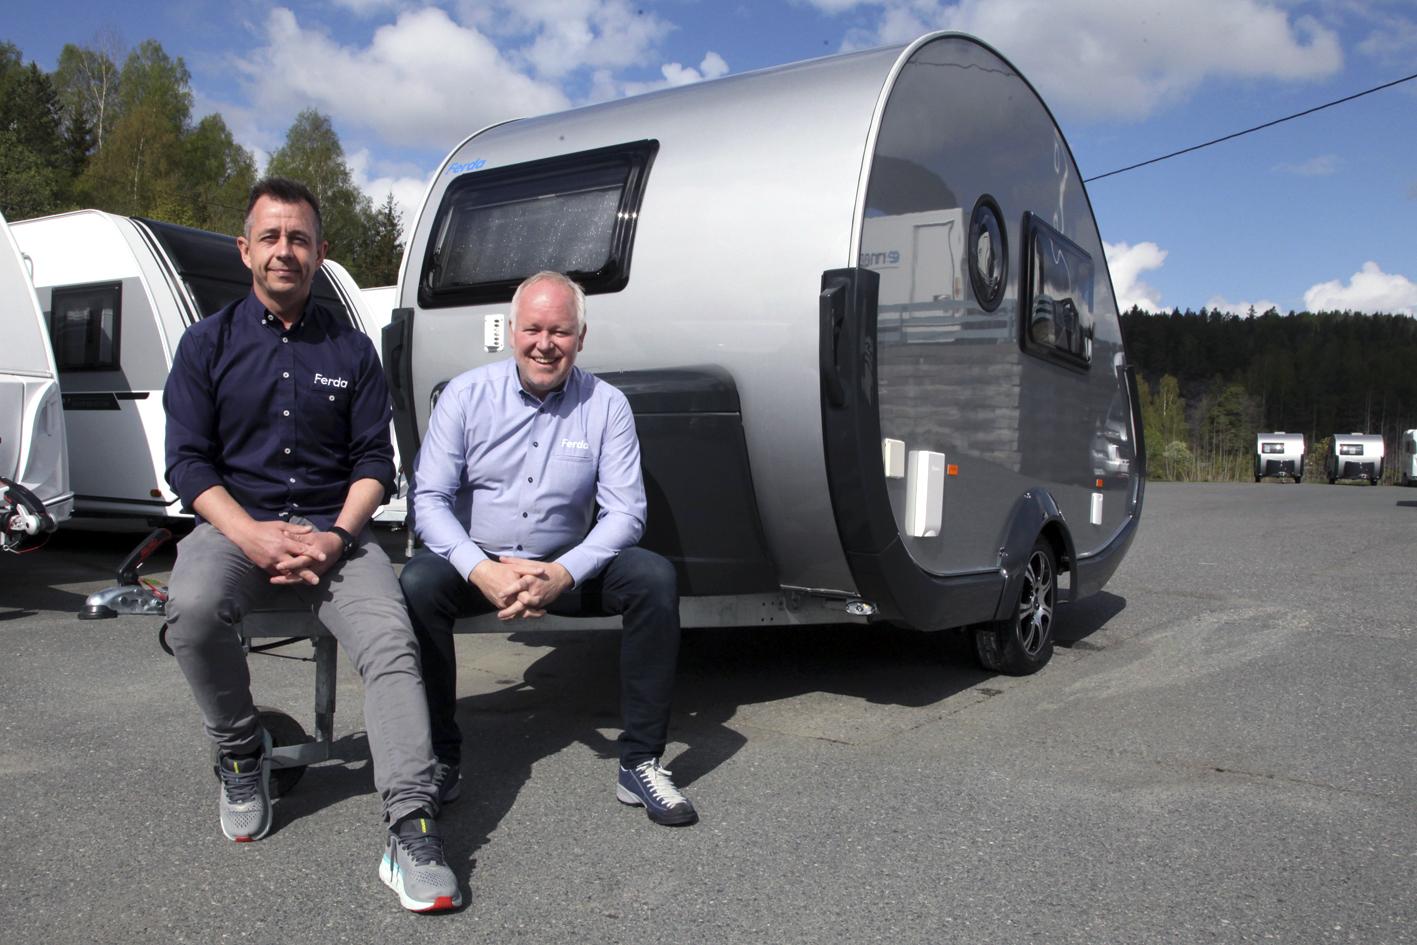 To karer ved cool campingvogn